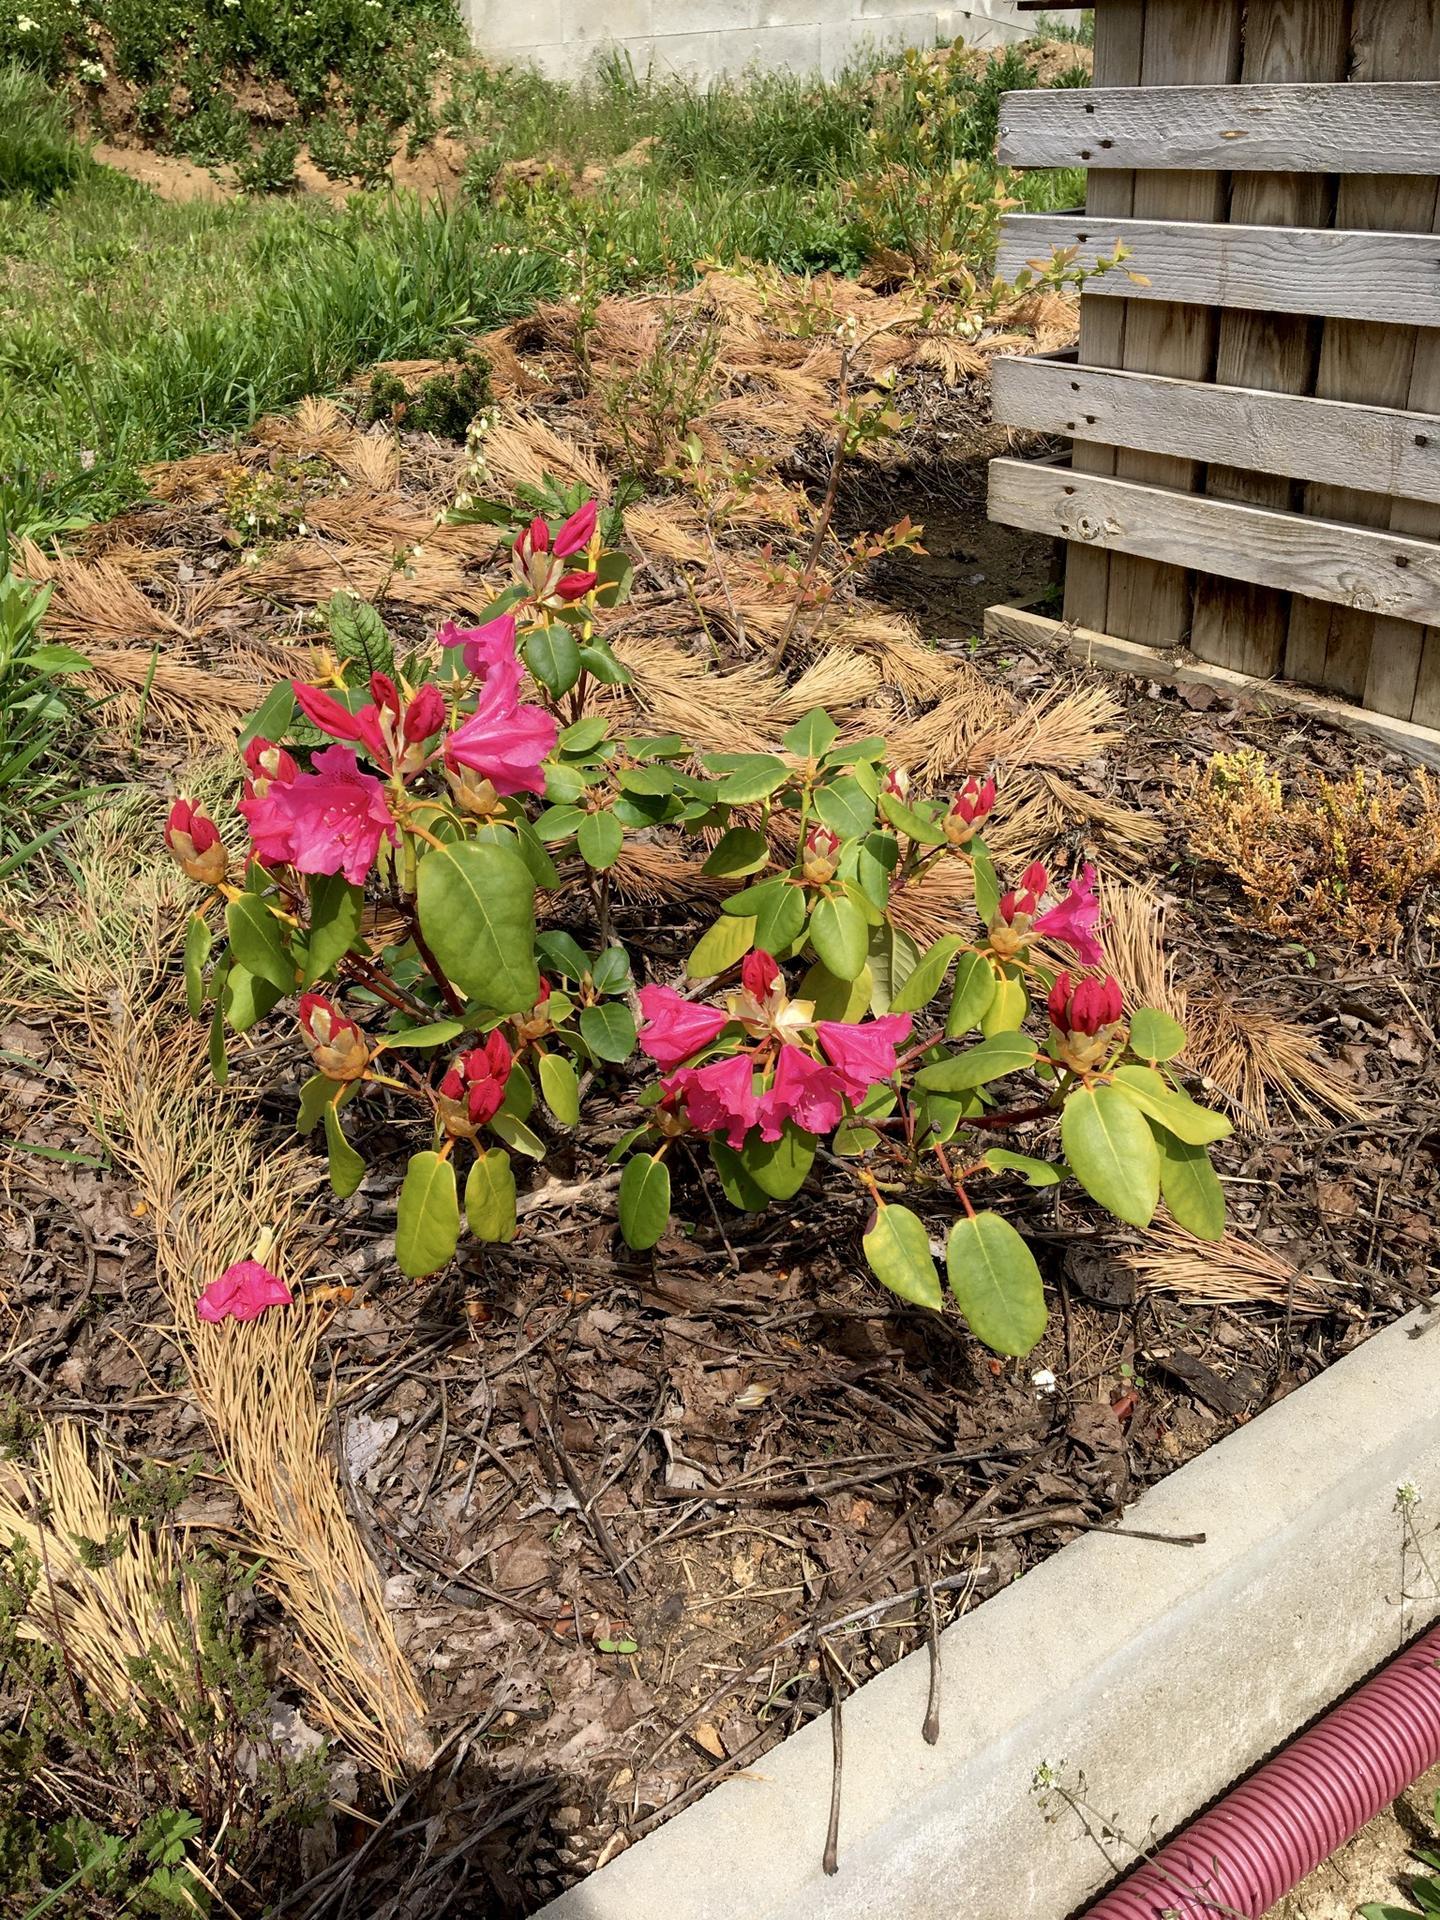 Skřítčí zahrada 2015 - 2020 - Květen 2020 - rododendron i letos v plném květu